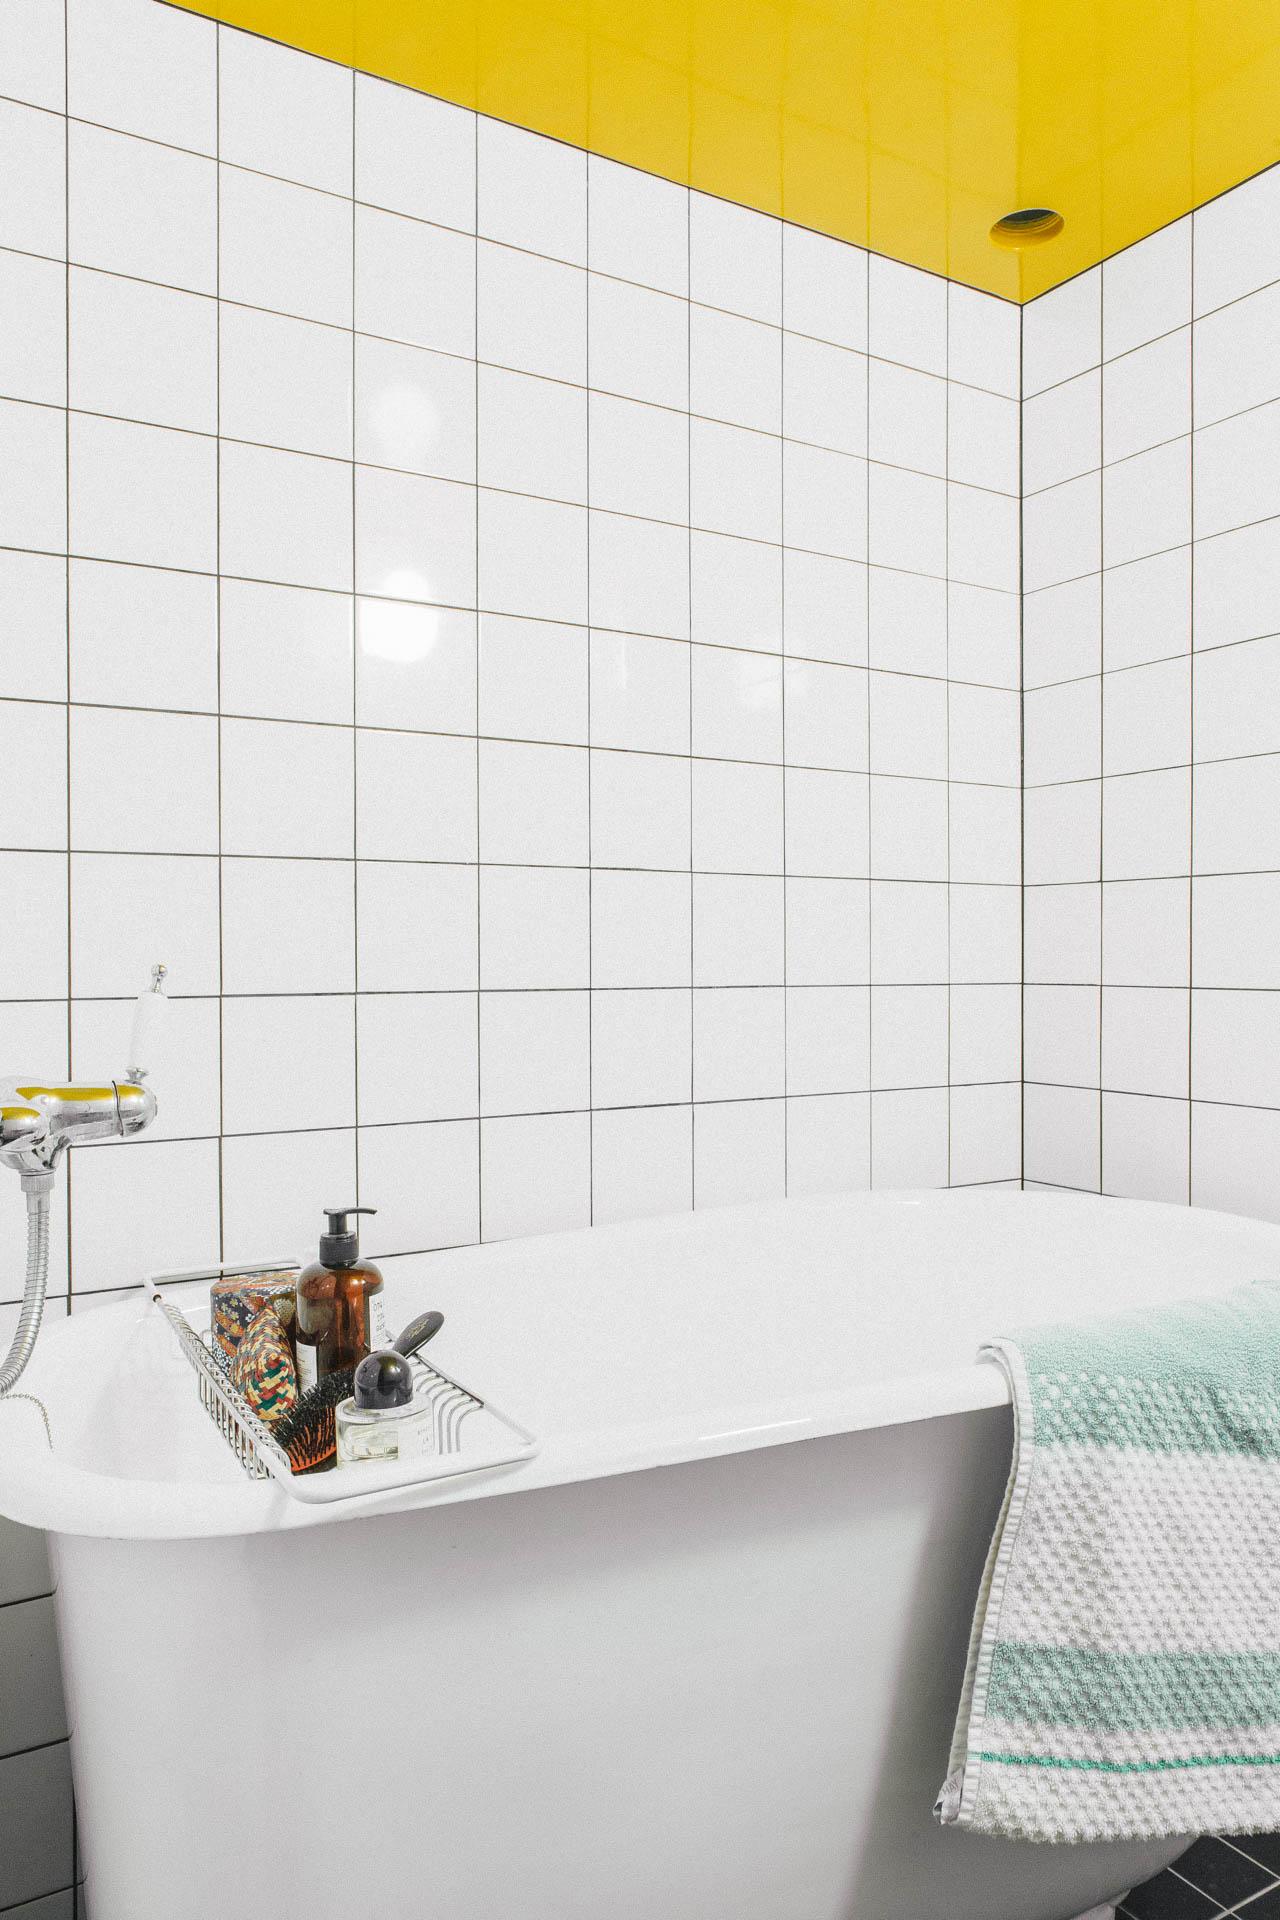 Litet badrum kakel inspiration ~ xellen.com